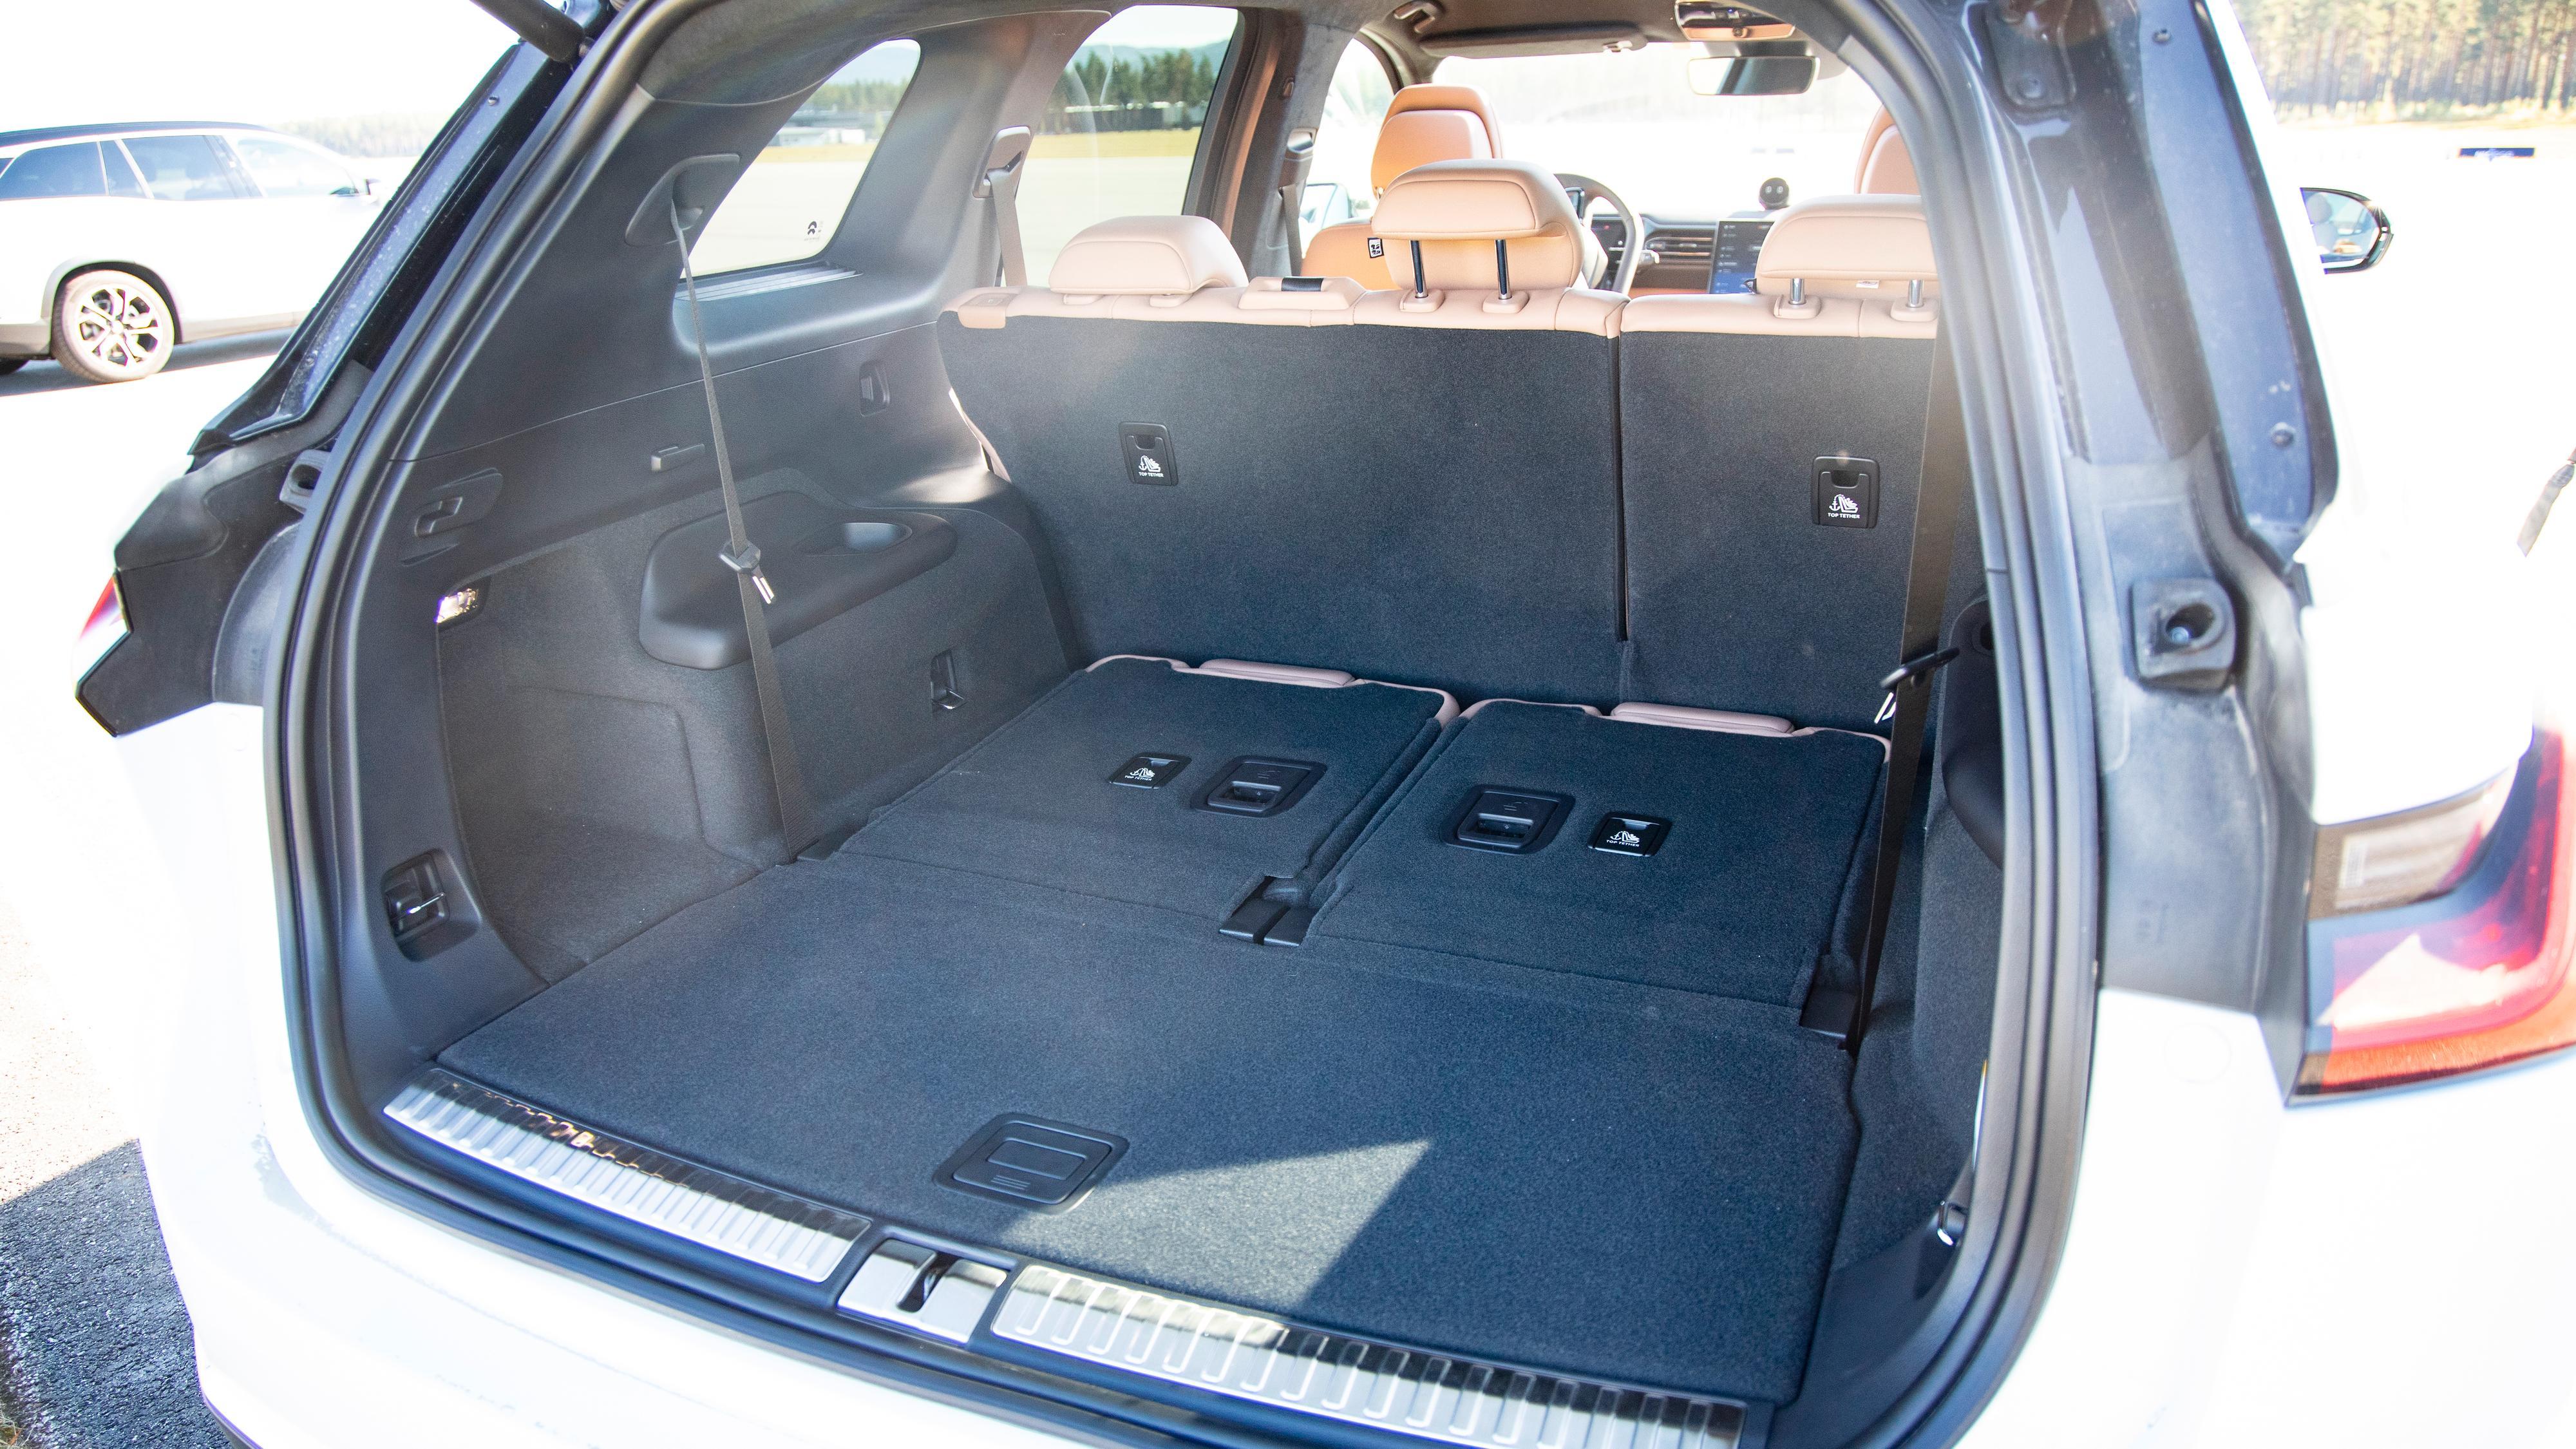 Mye bagasjeplass i ES8 om du har den bakerste seteraden slått ned. Under gulvet finner du også et lite rom til for eksempel ladekabler.